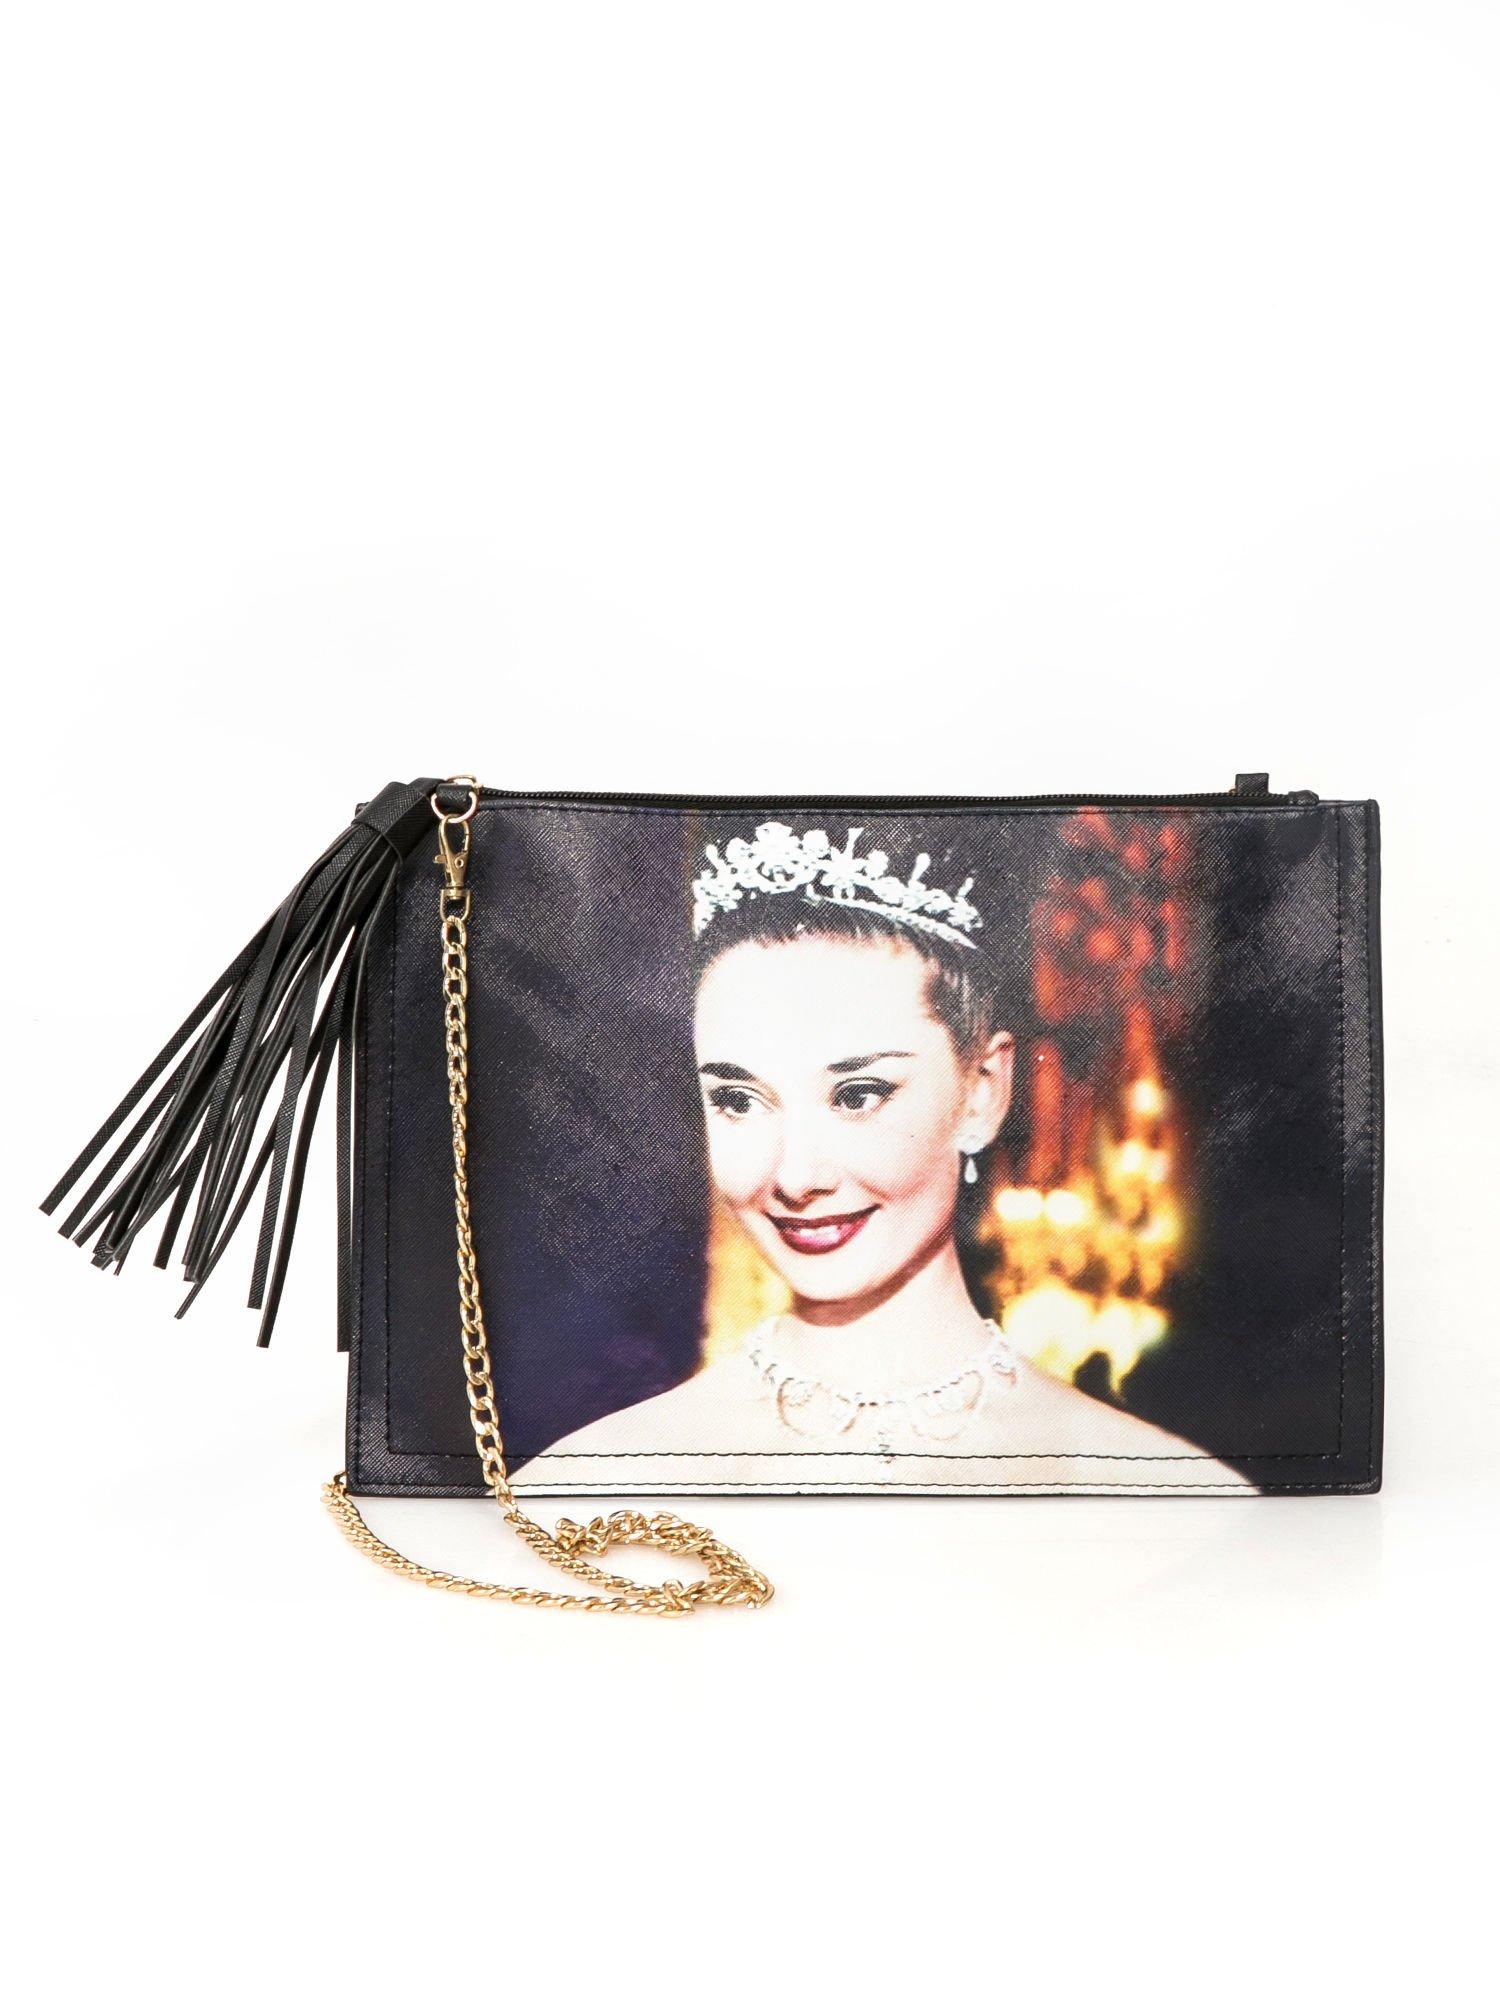 Czarna kopertówka z nadrukiem Audrey Hepburn, frędzlami i złotym łańcuszkiem                                  zdj.                                  1